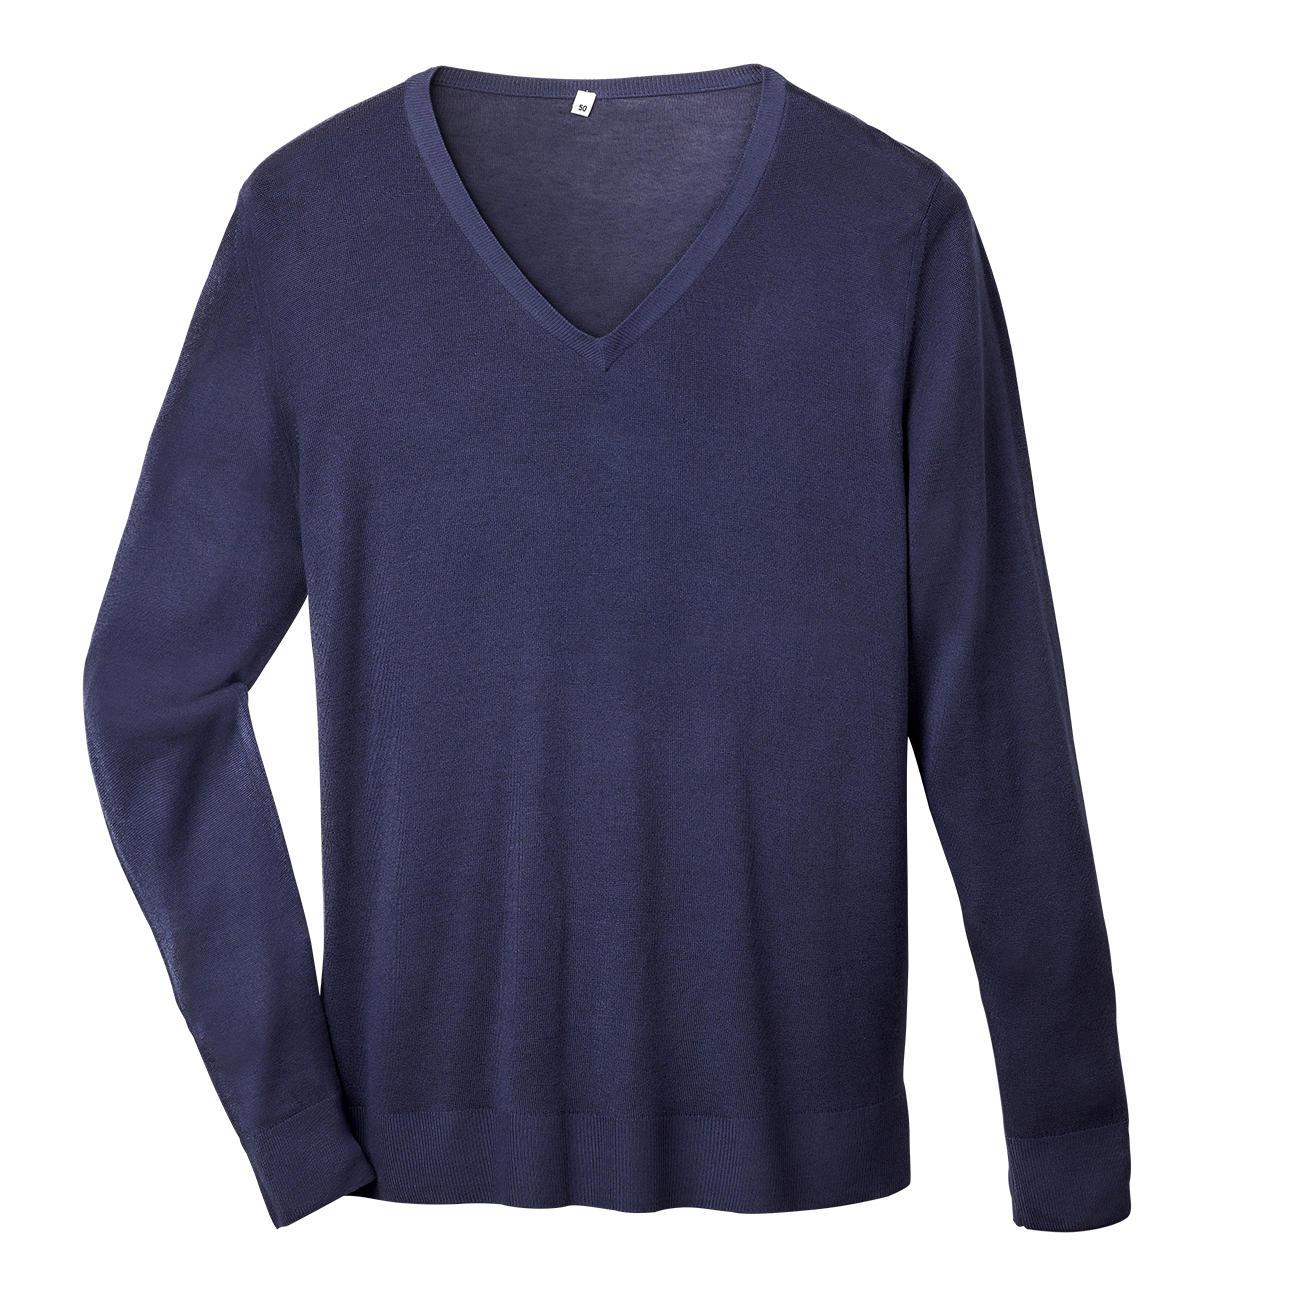 Bambus/Kaschmir-Pullover, 50 - Navy - V-Pullover :: Blau - 50 -  - Erwachsene